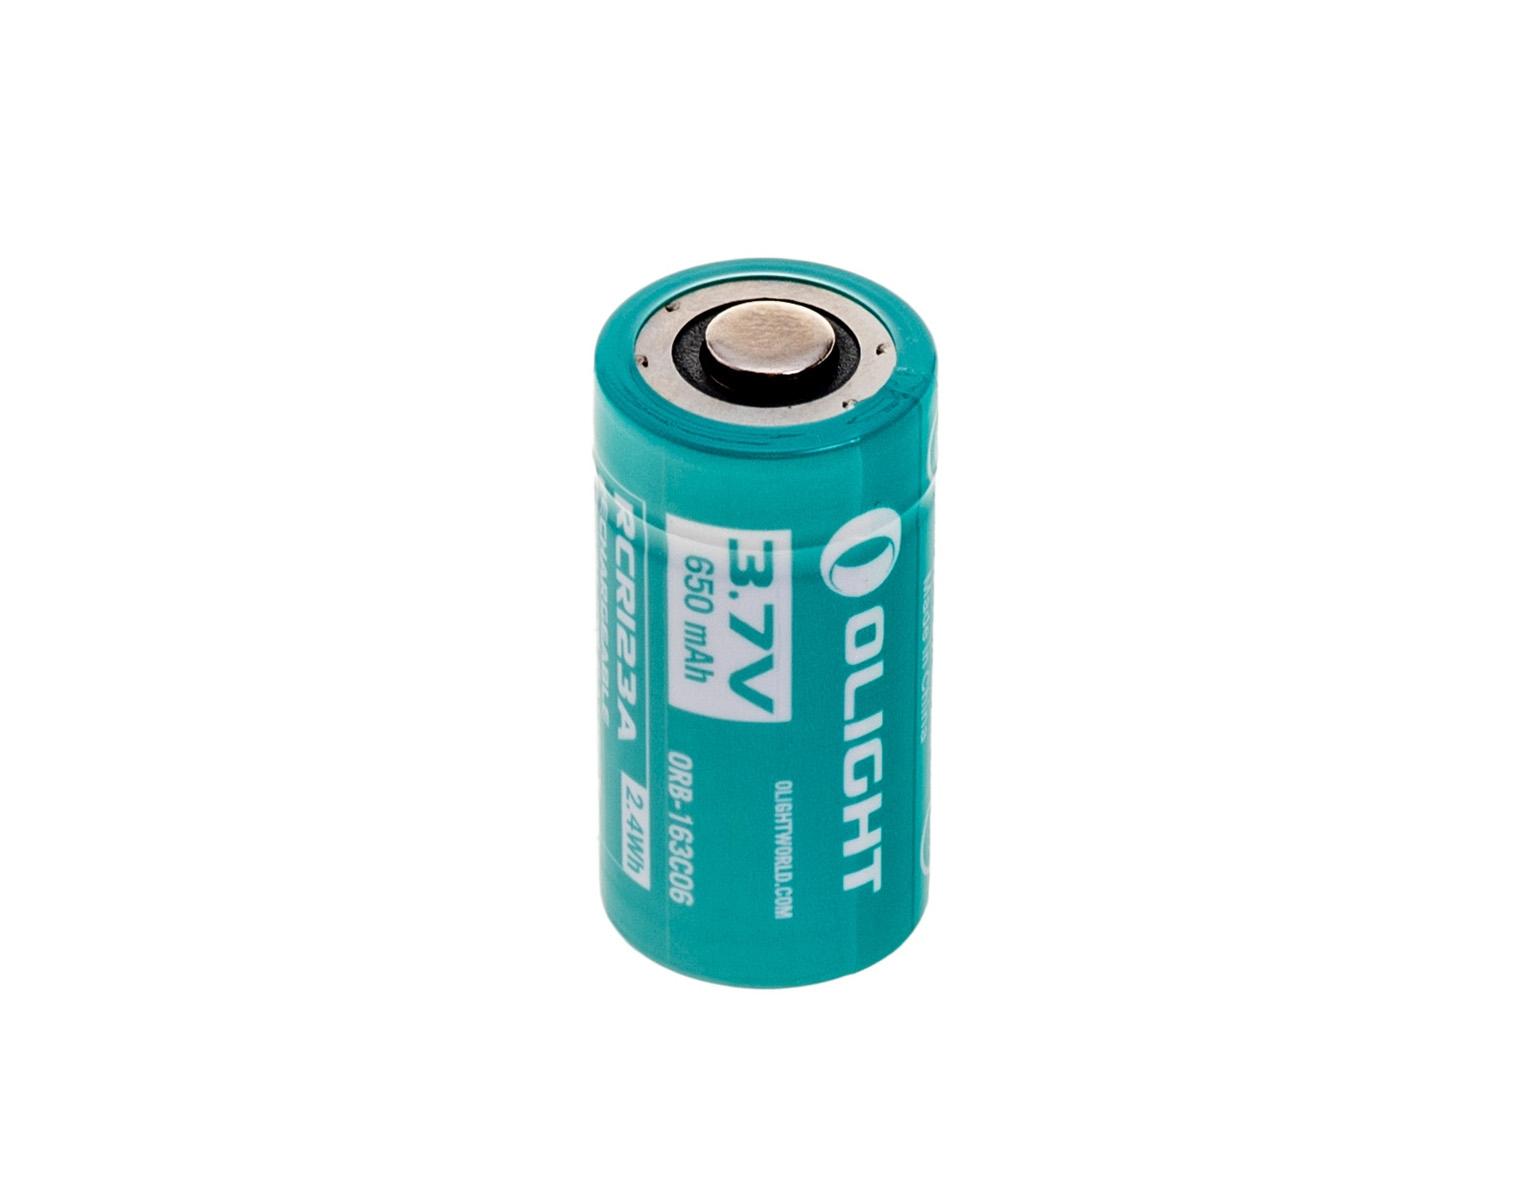 Image of Akumulator 3,7v olight rcr123a do latarki h1r - 650 mah (orb-163c06)